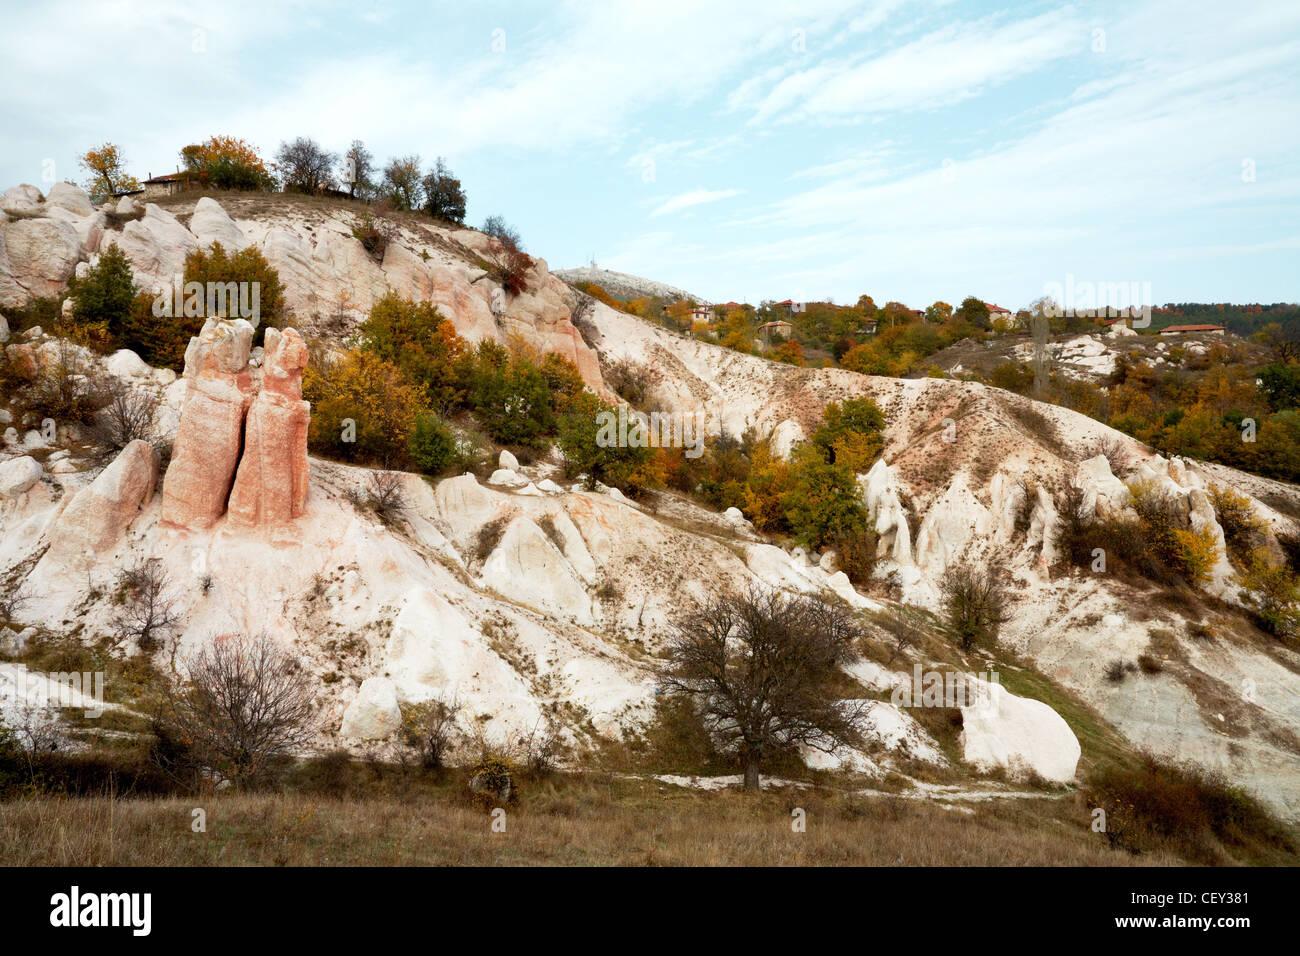 Steinerne Hochzeit Felsen Phänomen im Rodopi-Gebirge, Bulgarien Stockbild